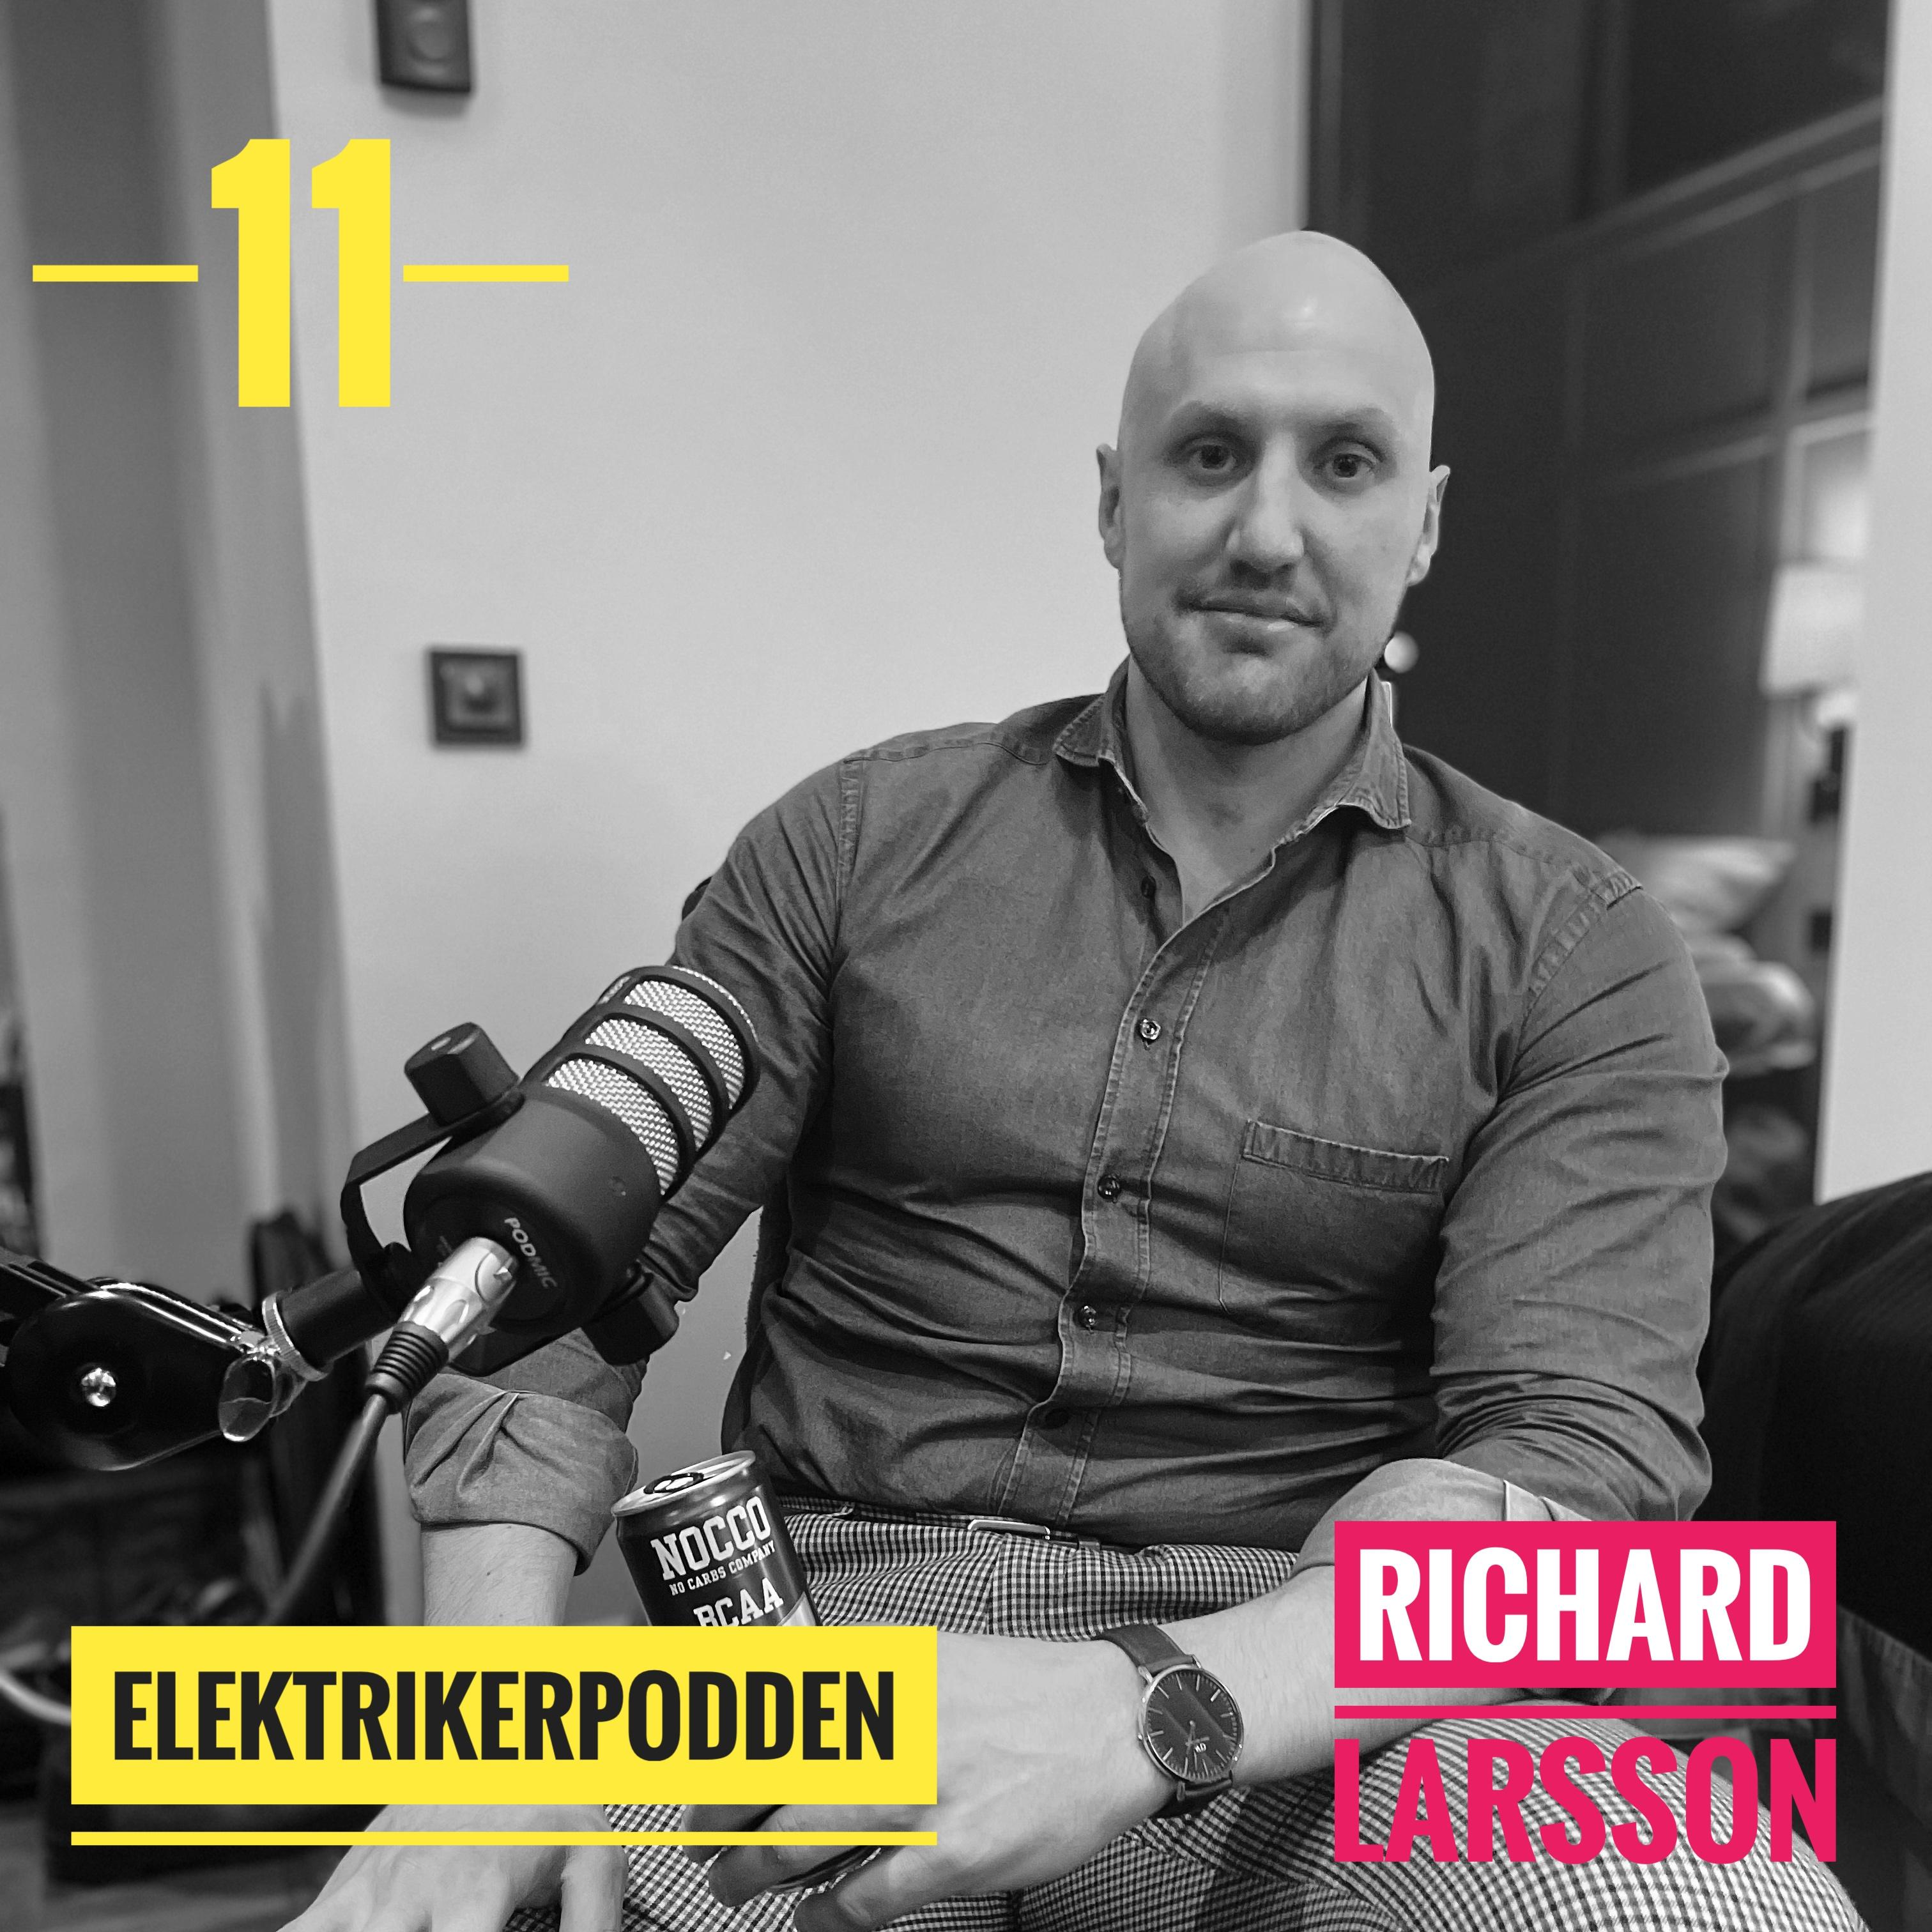 Richard Larsson - Snipersoldat och cybersäkerhets expert